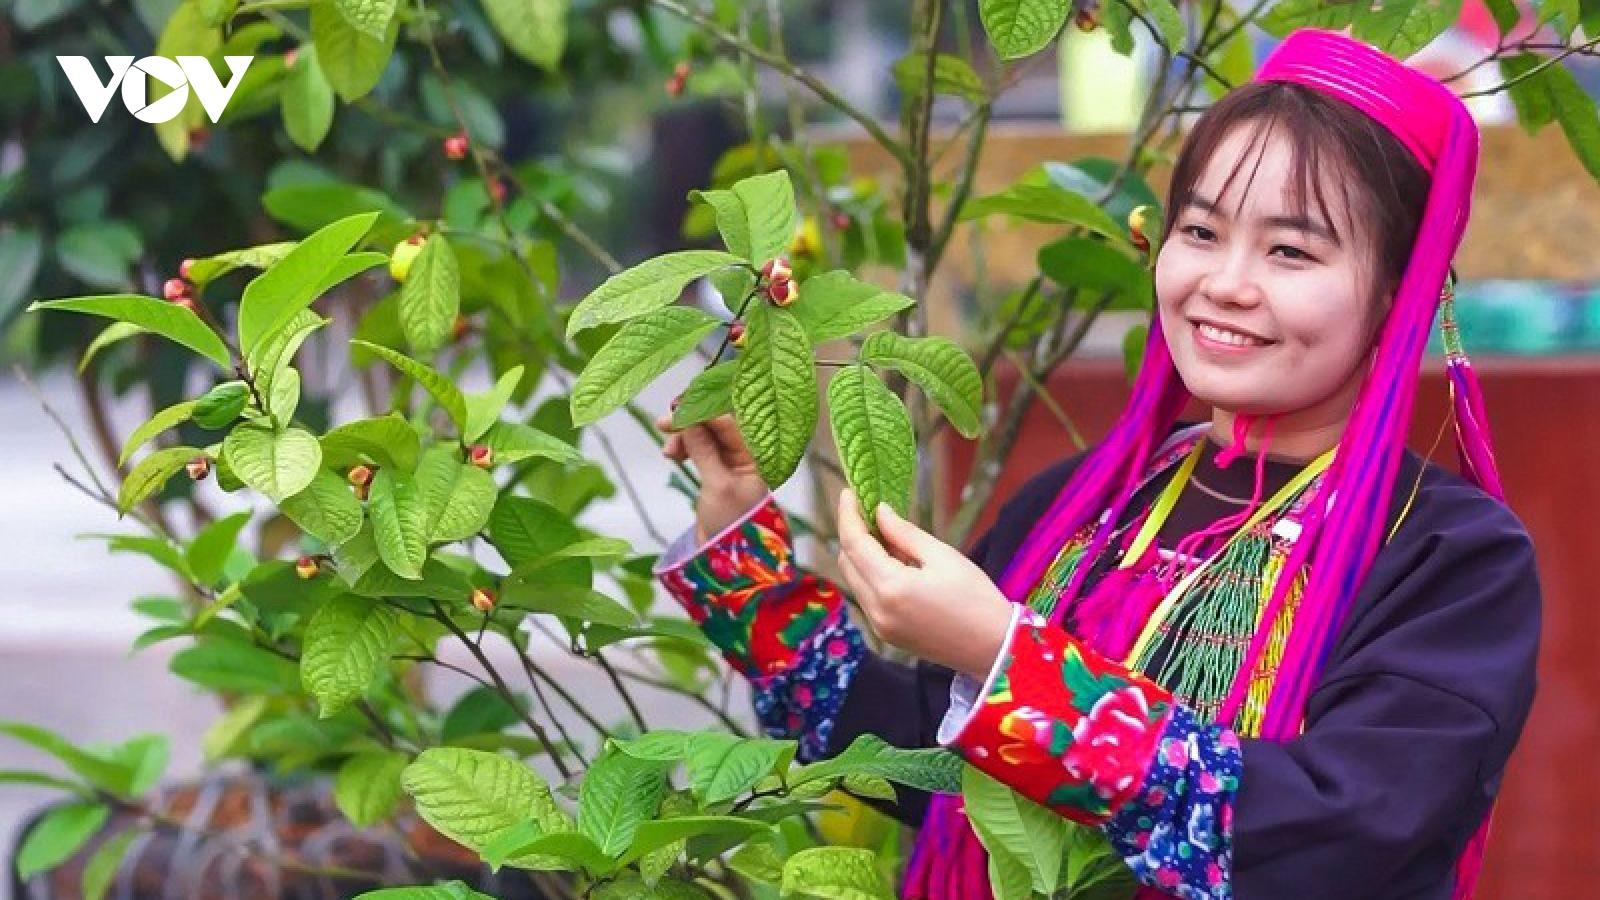 Trà hoa vàng sản phẩm nông nghiệp chất lượng cao của đồng bào Ba Chẽ